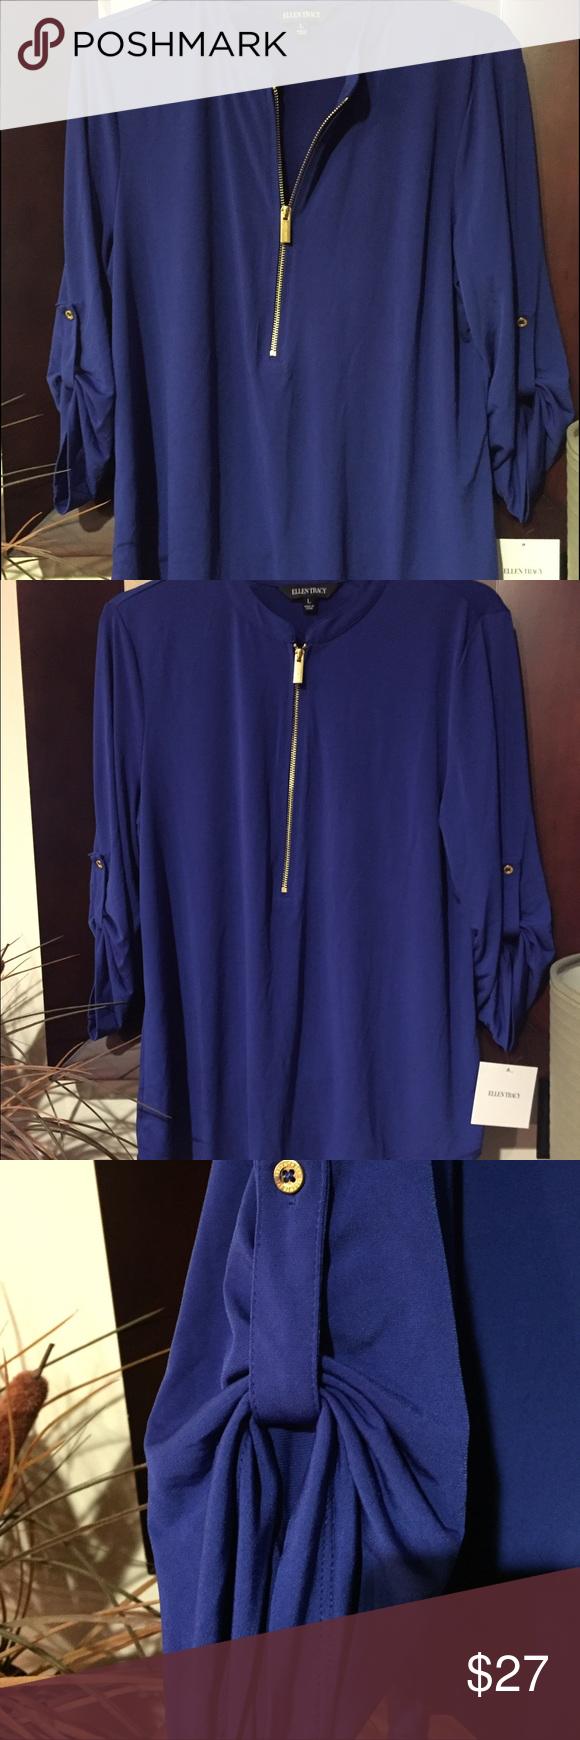 Ellen Tracy pullover top NWT'S Ellen  Tracy 3/4 zip neck pullover top. 95% polyester 5% elastane. Ellen Tracy Tops